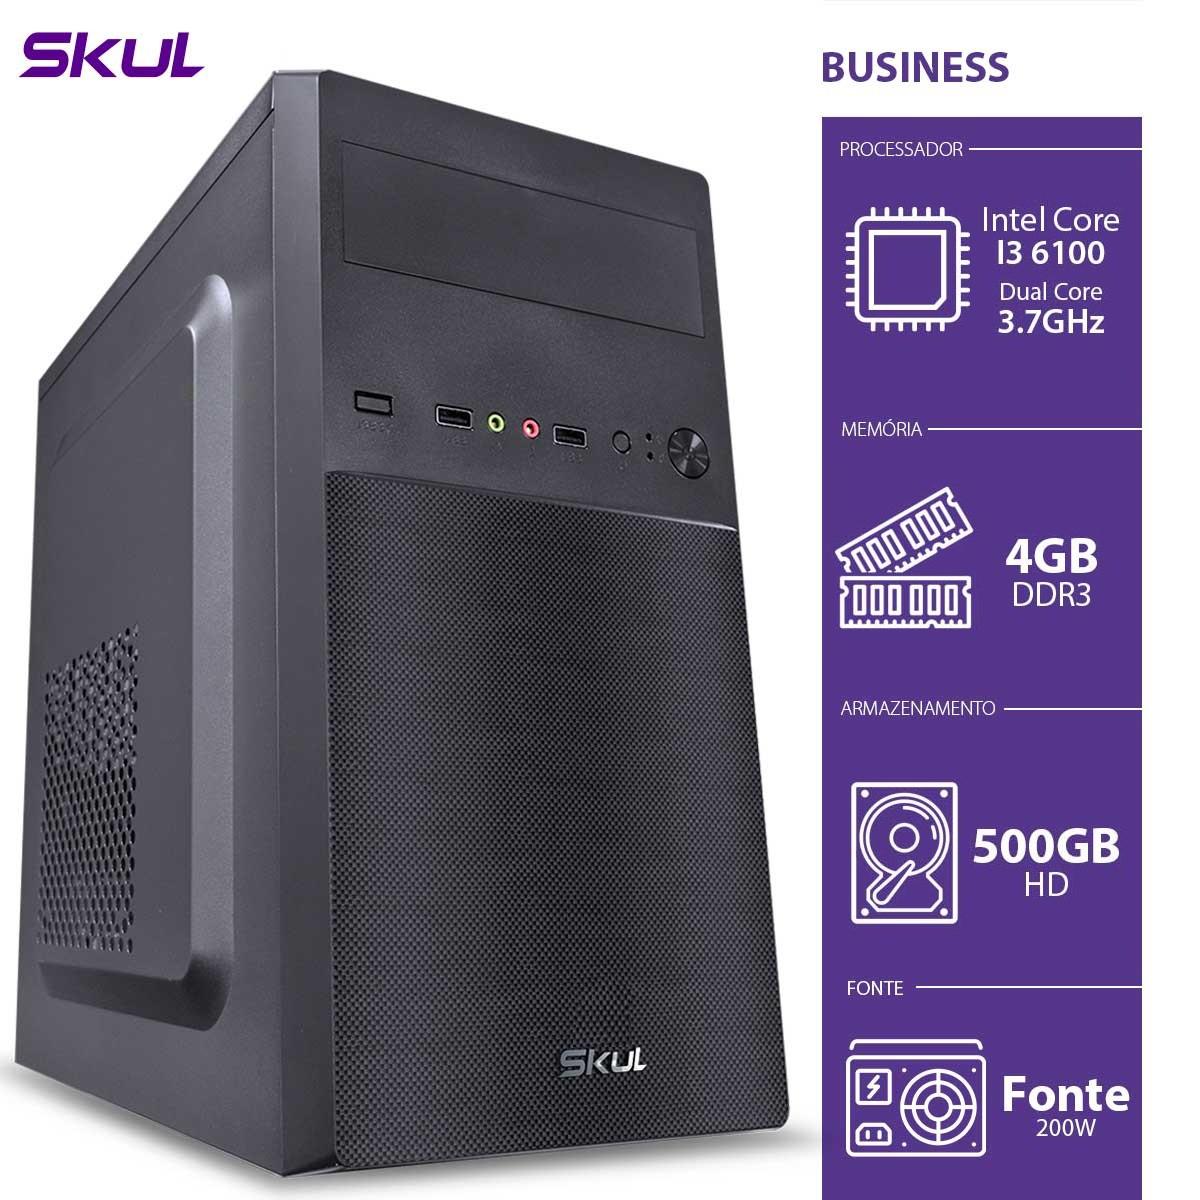 Computador Business B300 - I3-6100 3.7GHZ 4GB DDR3 HD 500GB HDMI/VGA Fonte 200W